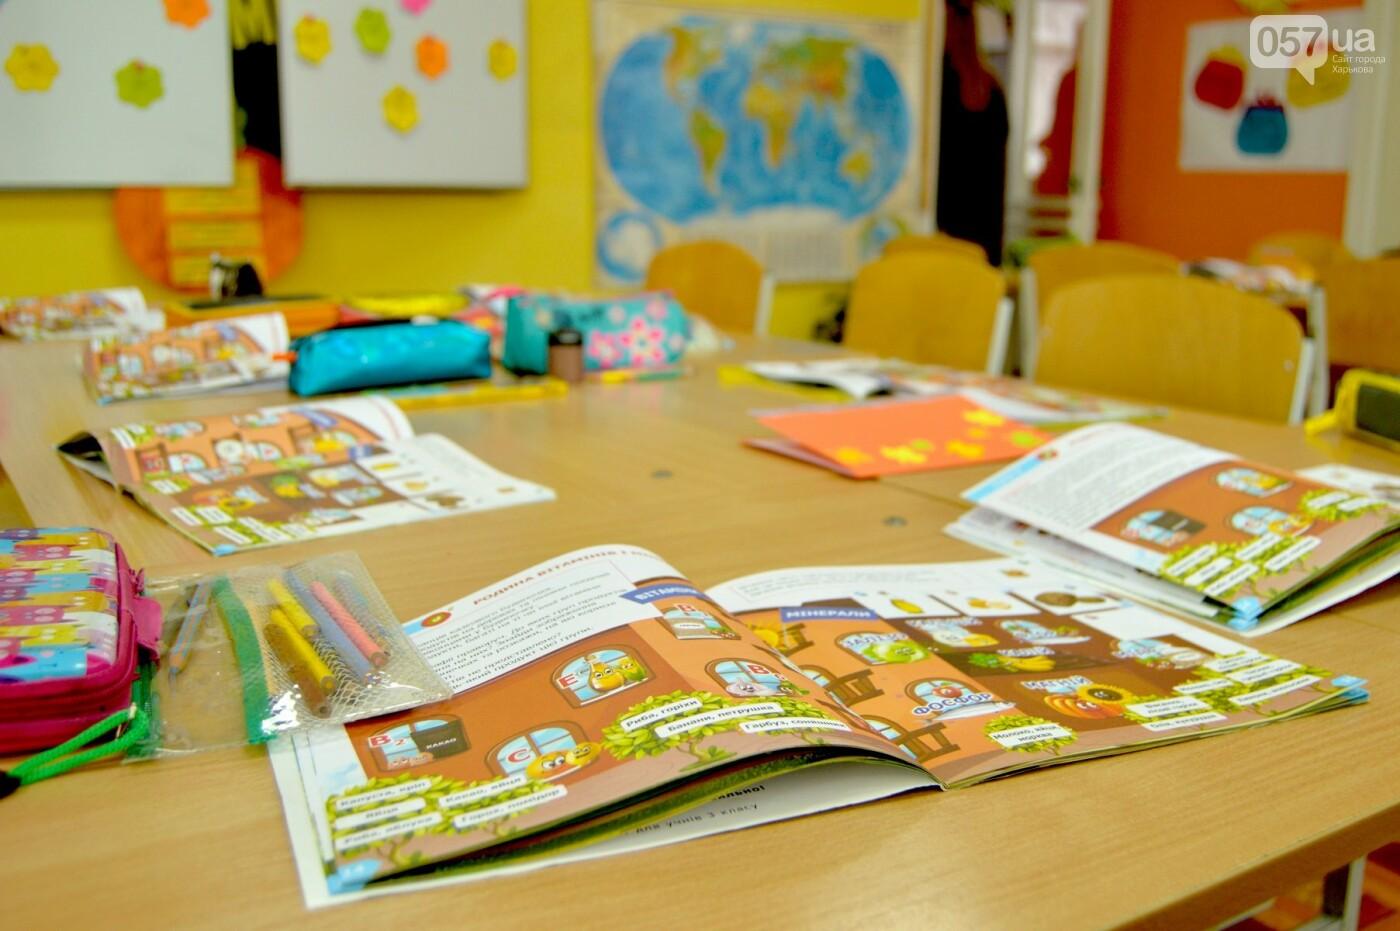 Весело та цікаво для дітей - компанія Nestle впроваджує «Абетку харчування», фото-10